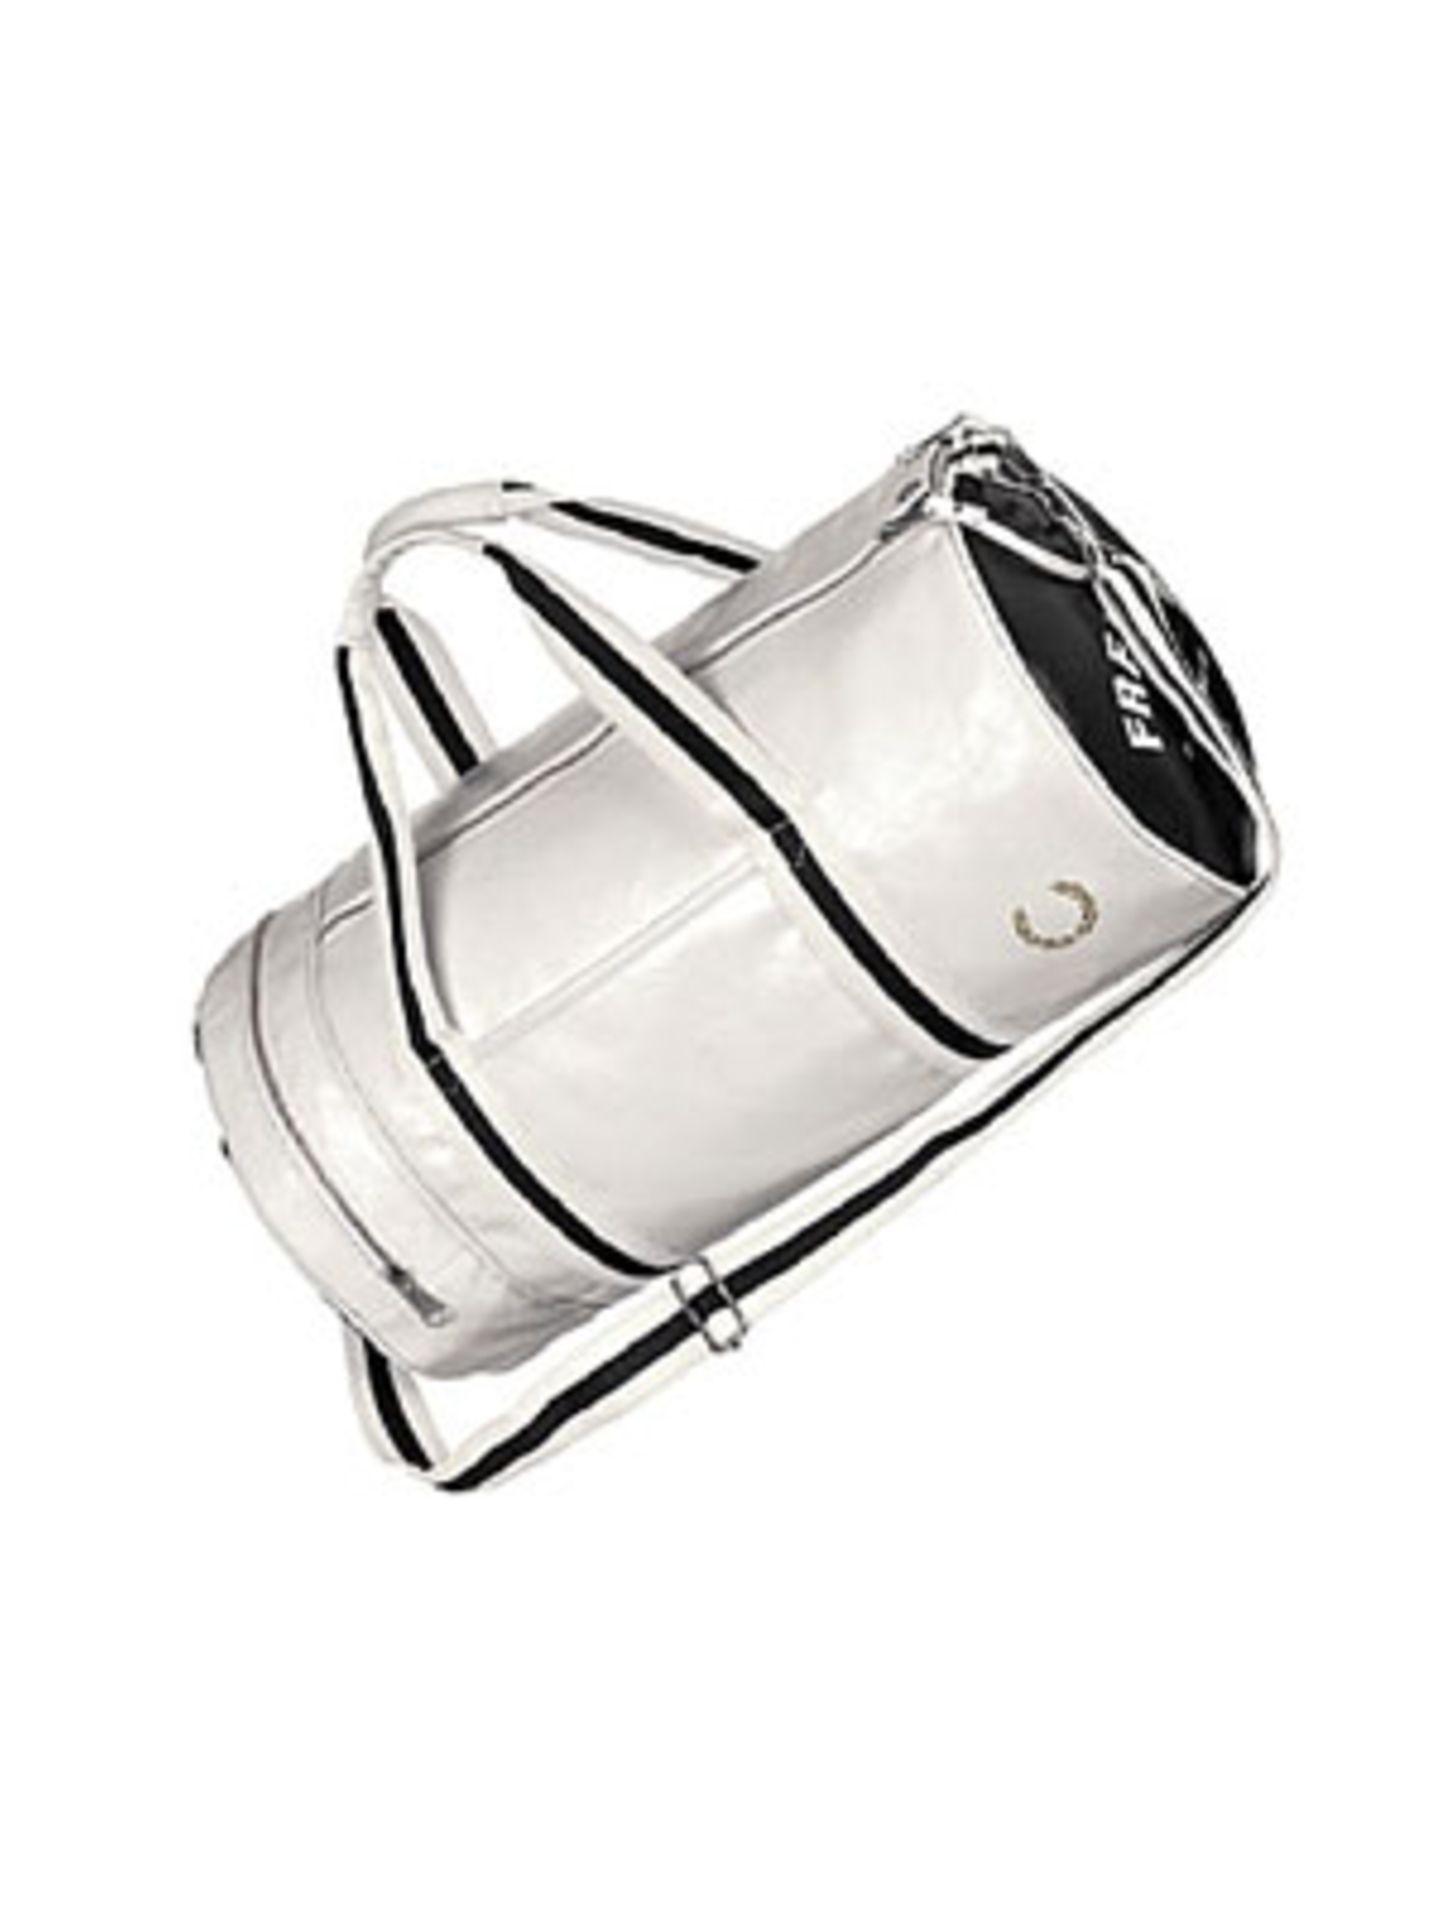 Stylische Reisetasche in Schwarz-Weiß mit langem Schulterriemen von Fred Perry, um 60 Euro. Über www.frontlineshop.com.